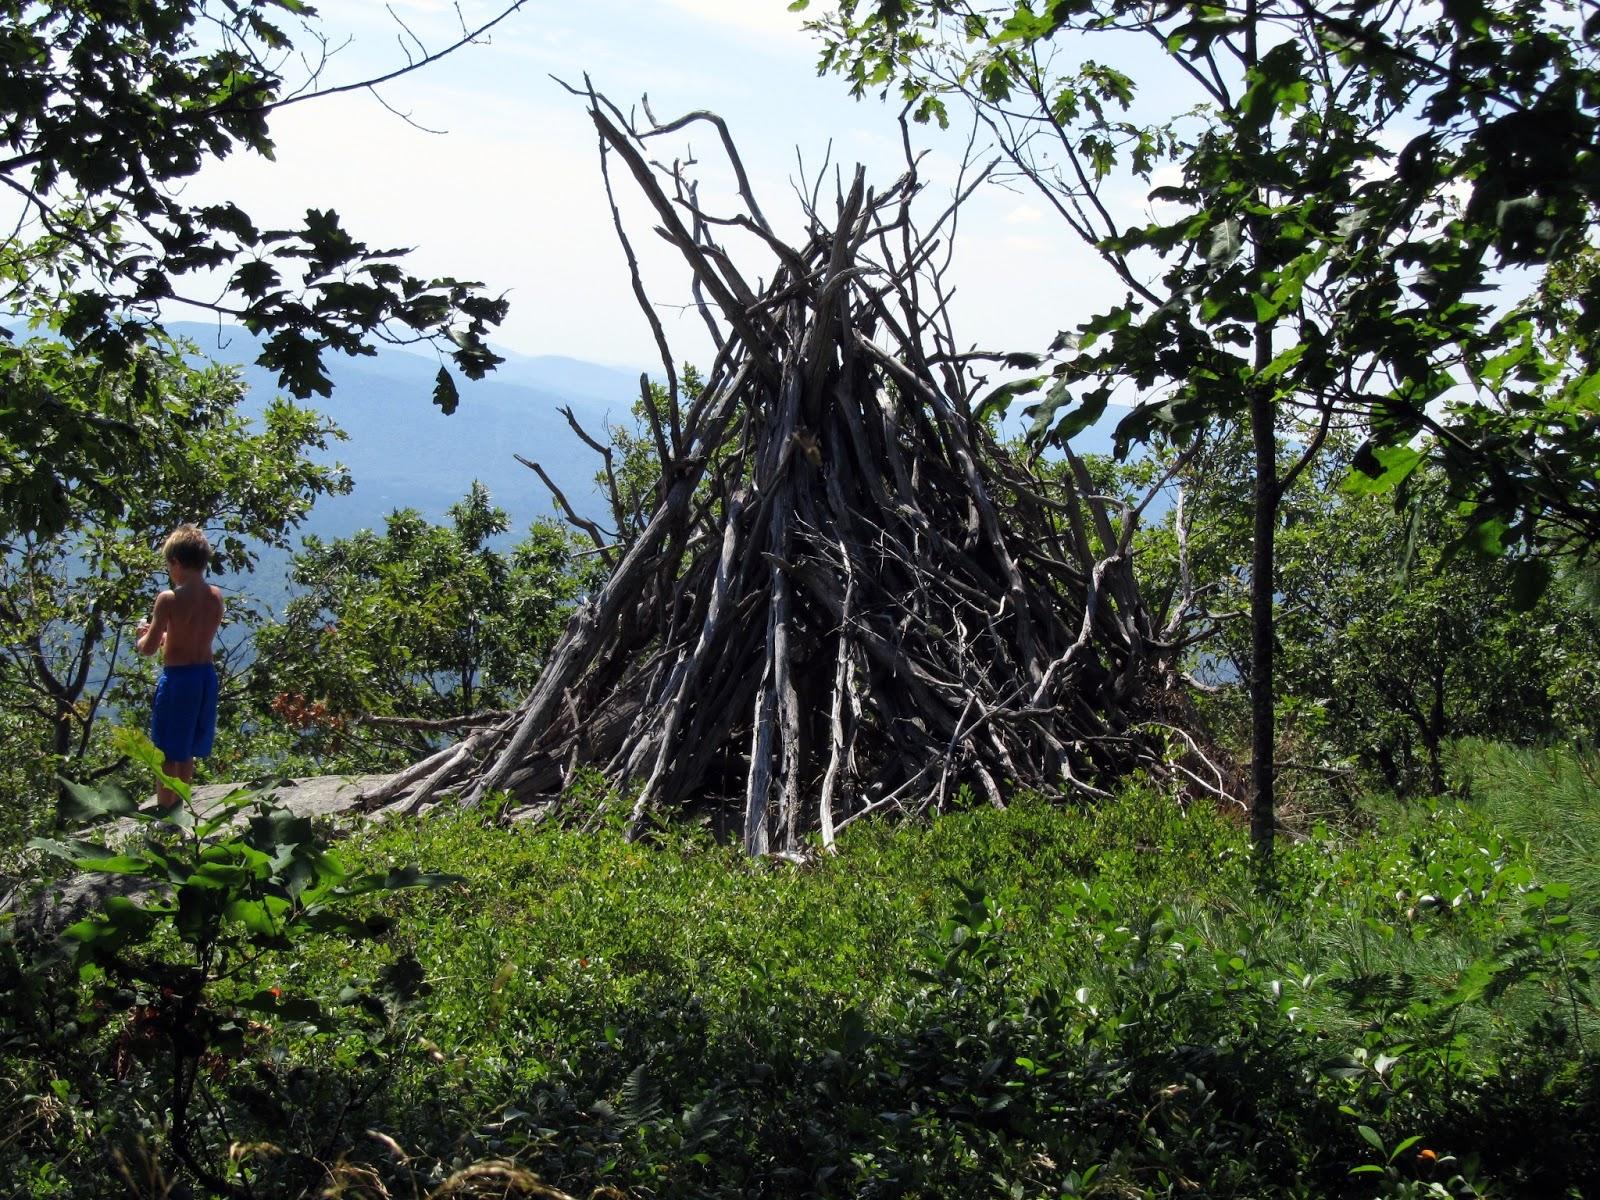 Как построить шалаш в лесу своими руками Построить шалаш